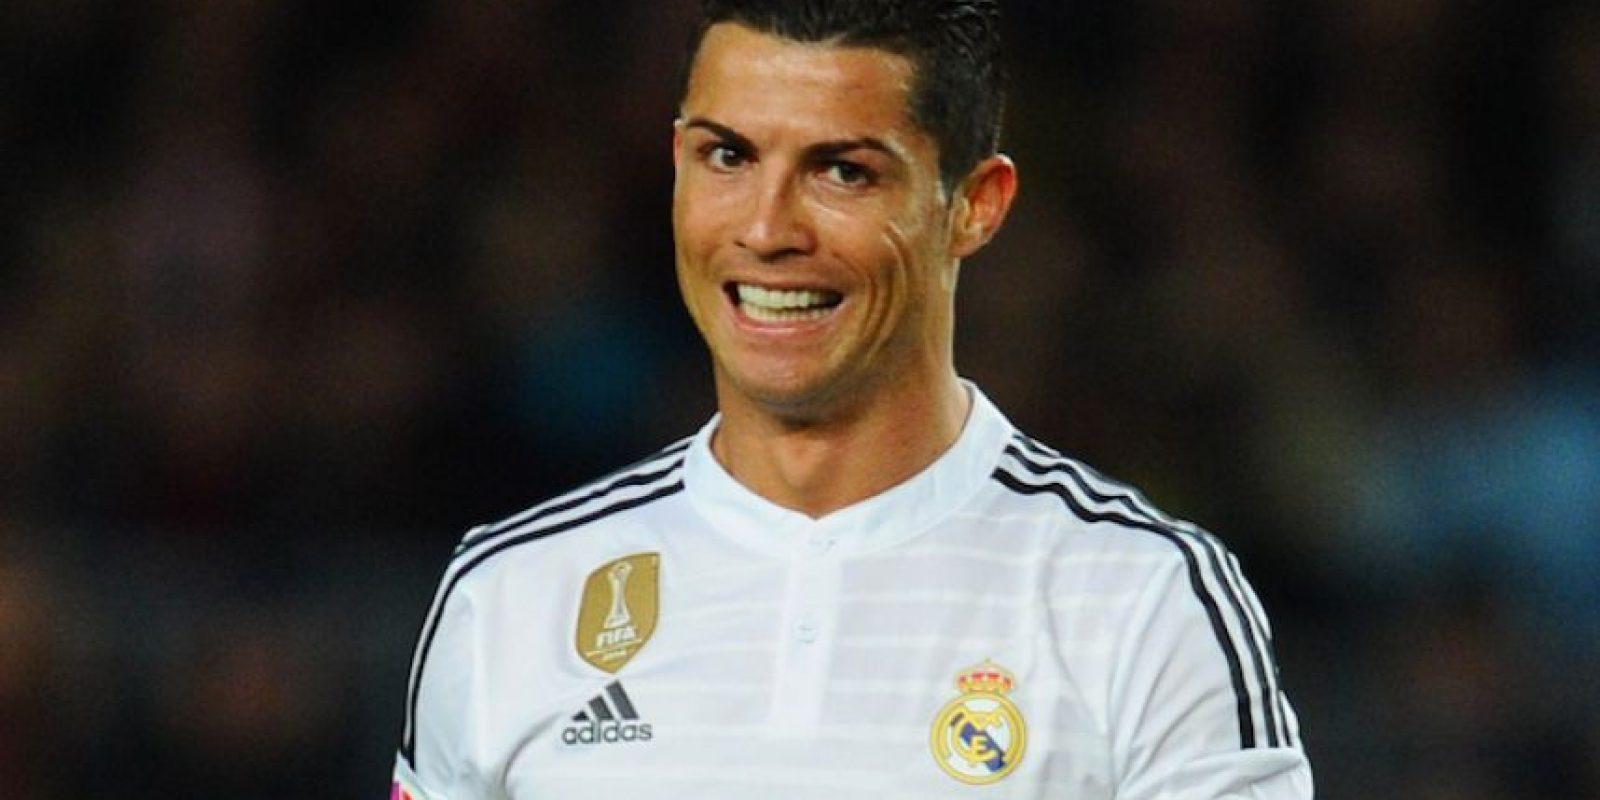 7. Vencer a Messi en la Champions League Foto:Getty Images